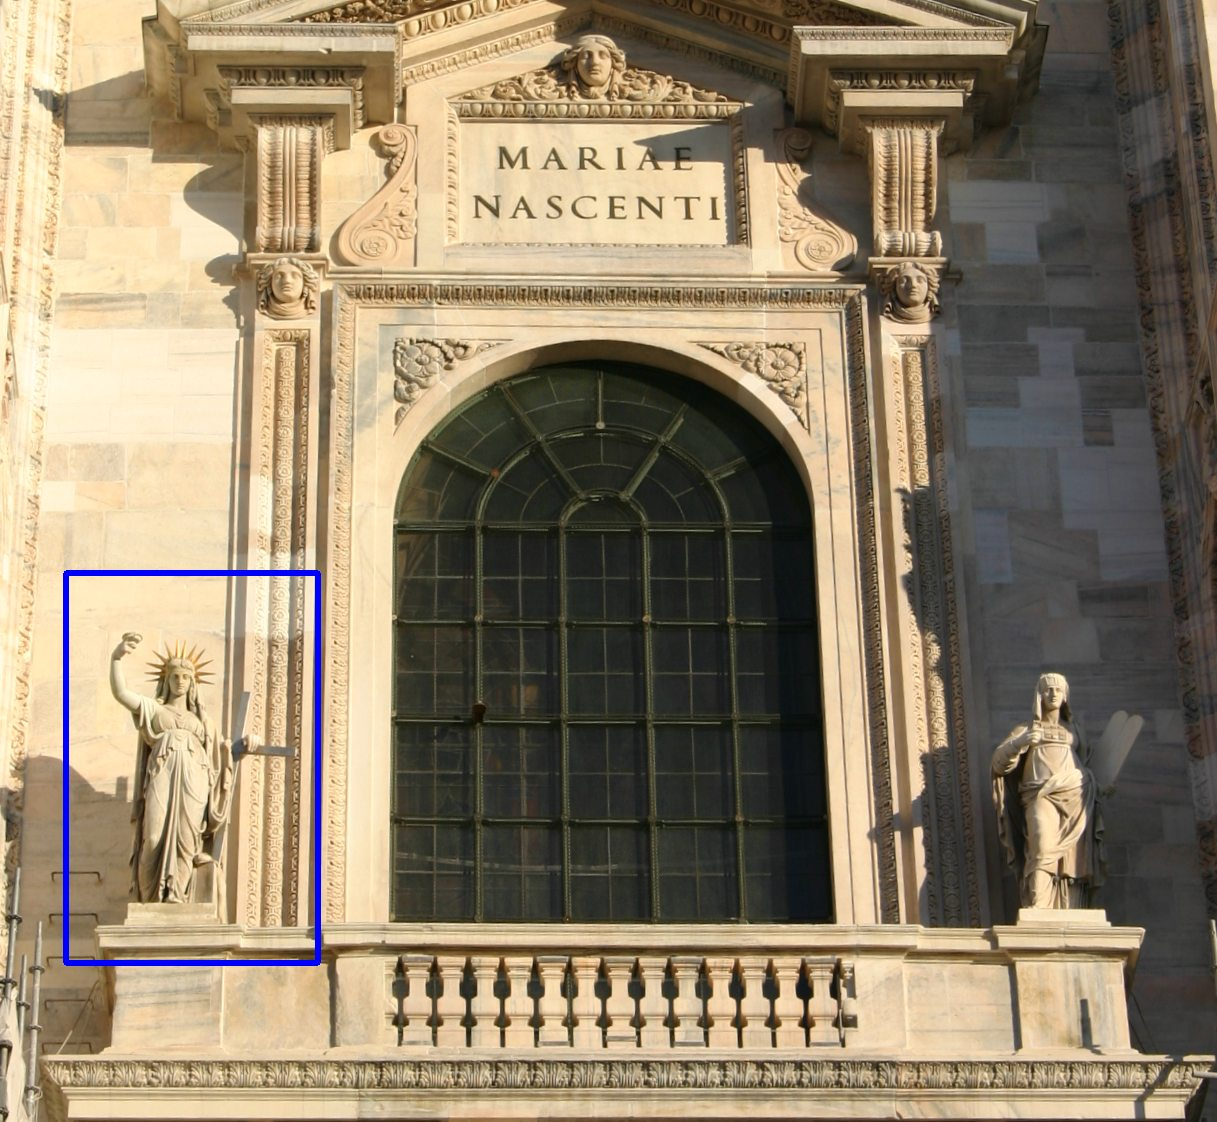 La Legge Nuova (Camillo Pacetti), sulla facciata del Duomo di Milano